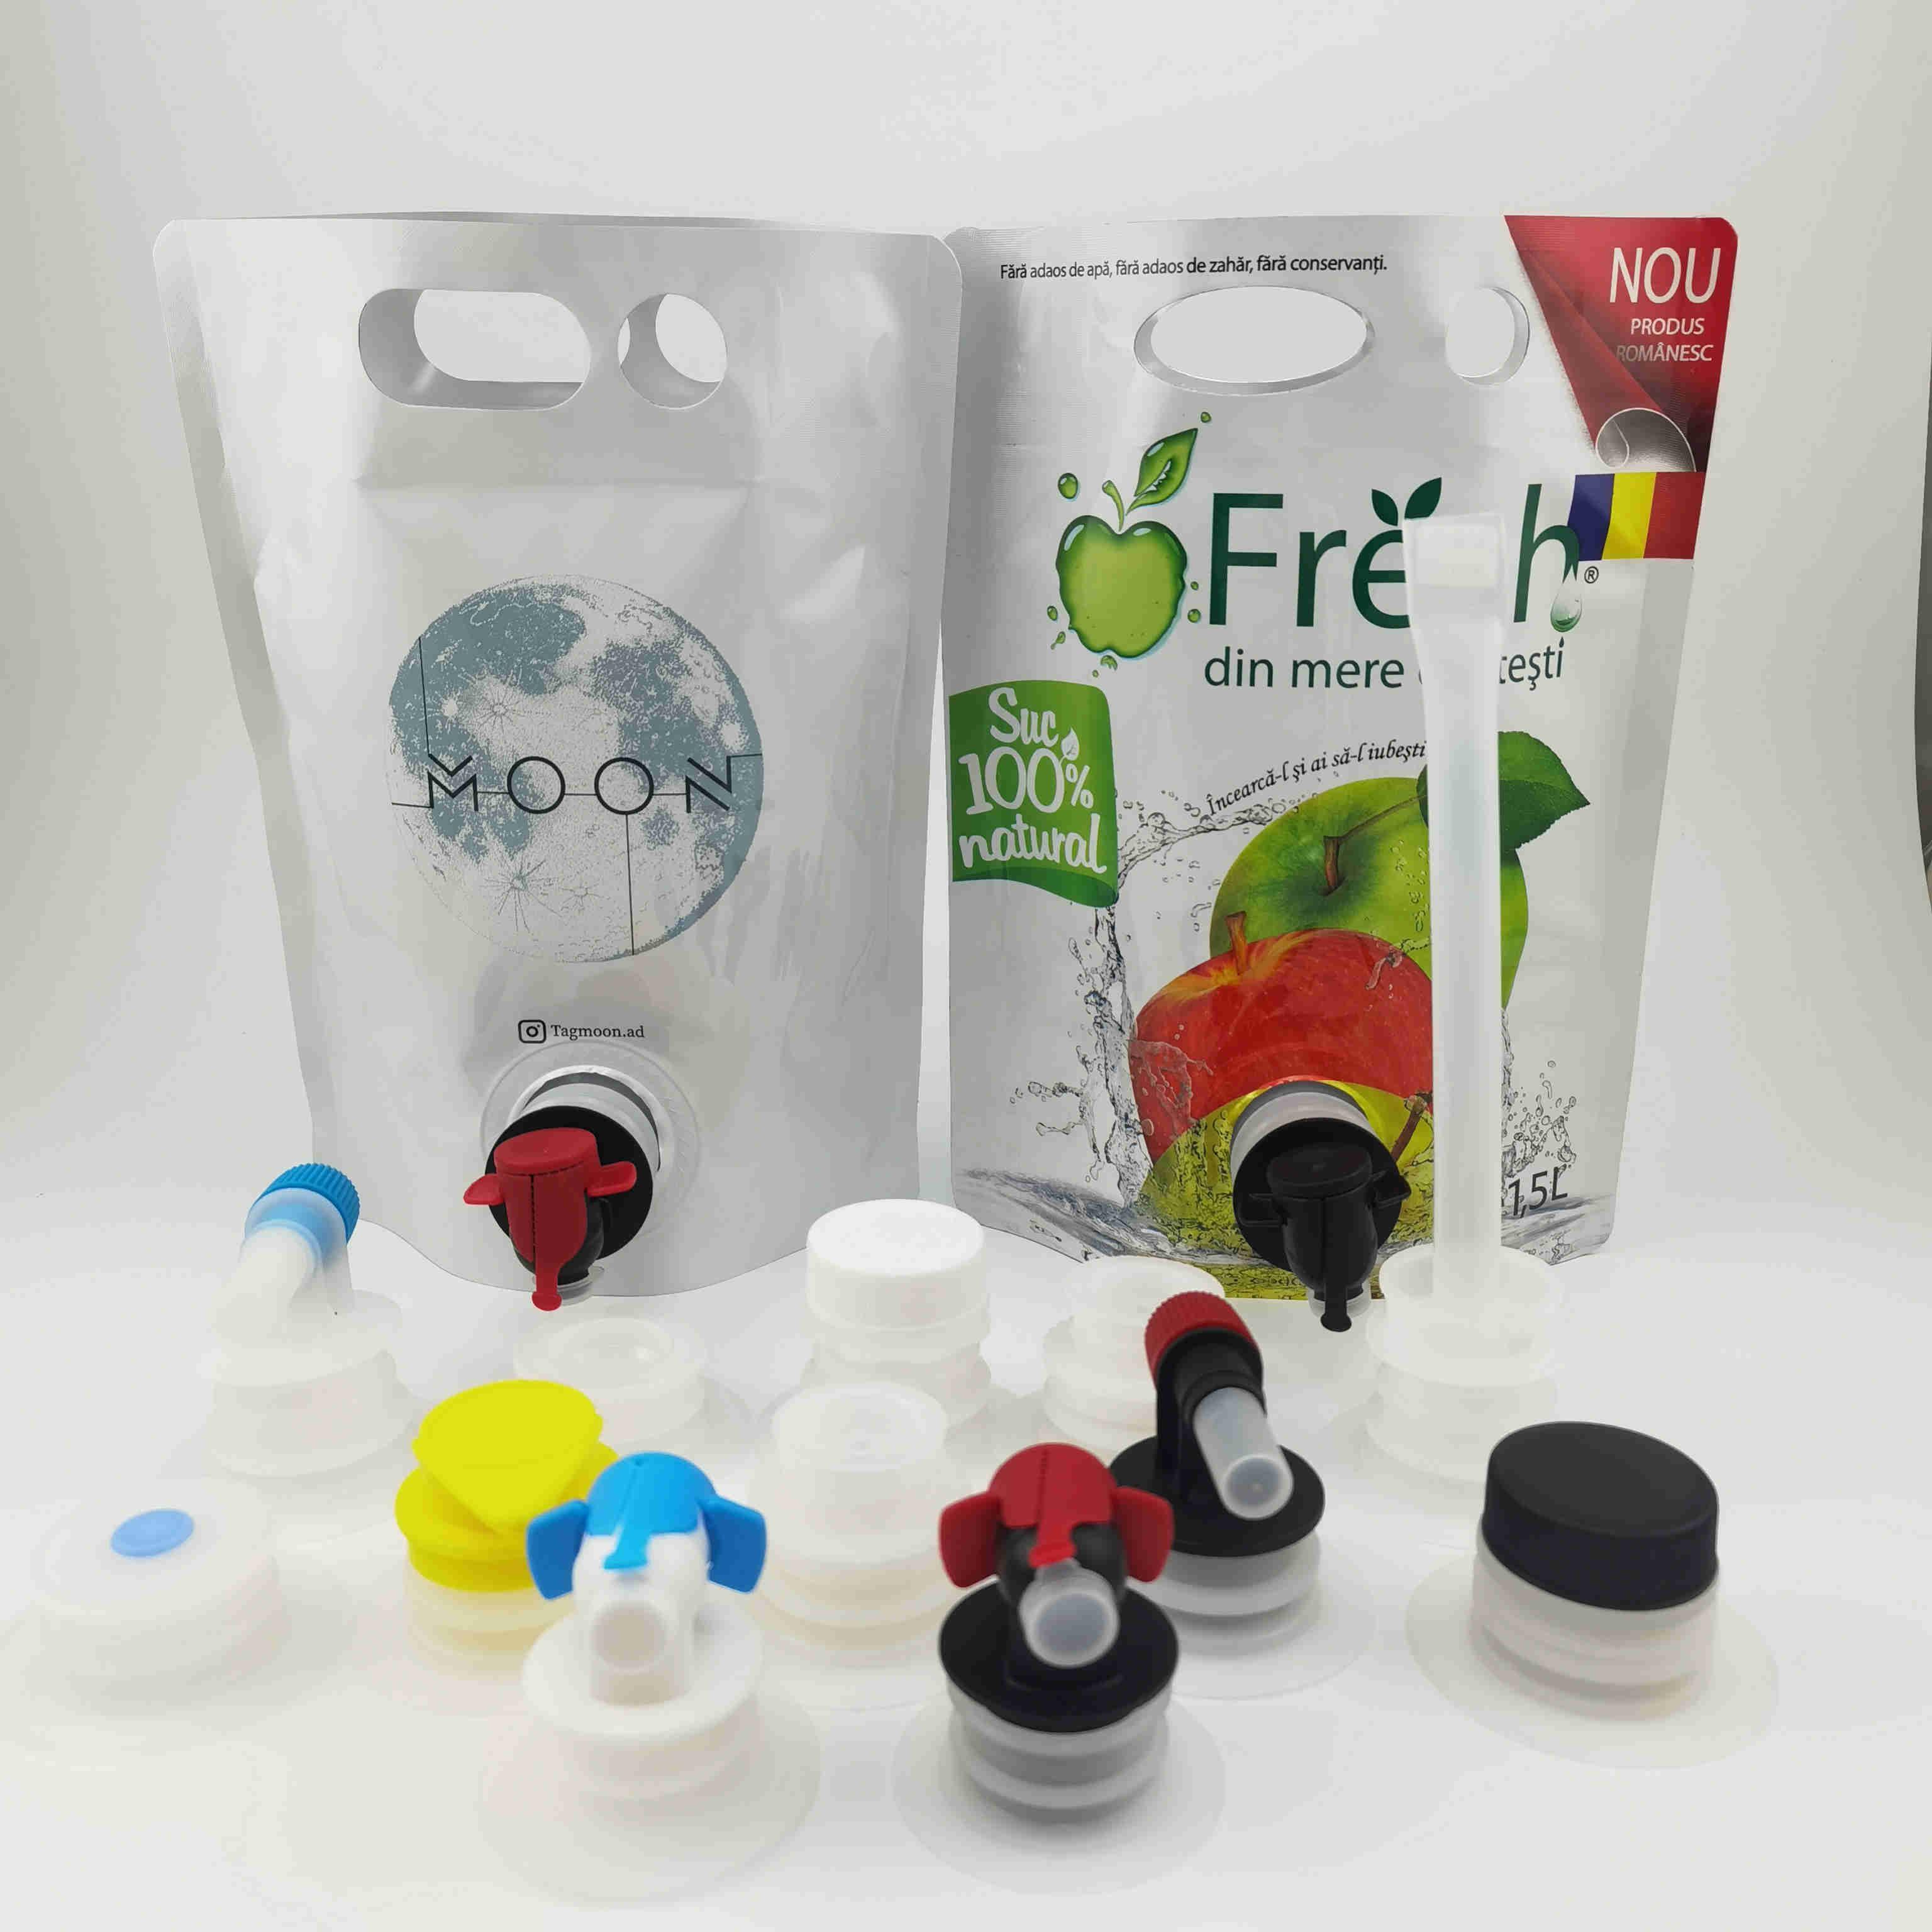 供应5L双插底自立袋果汁袋 红酒袋 带阀门吸嘴袋盒中袋